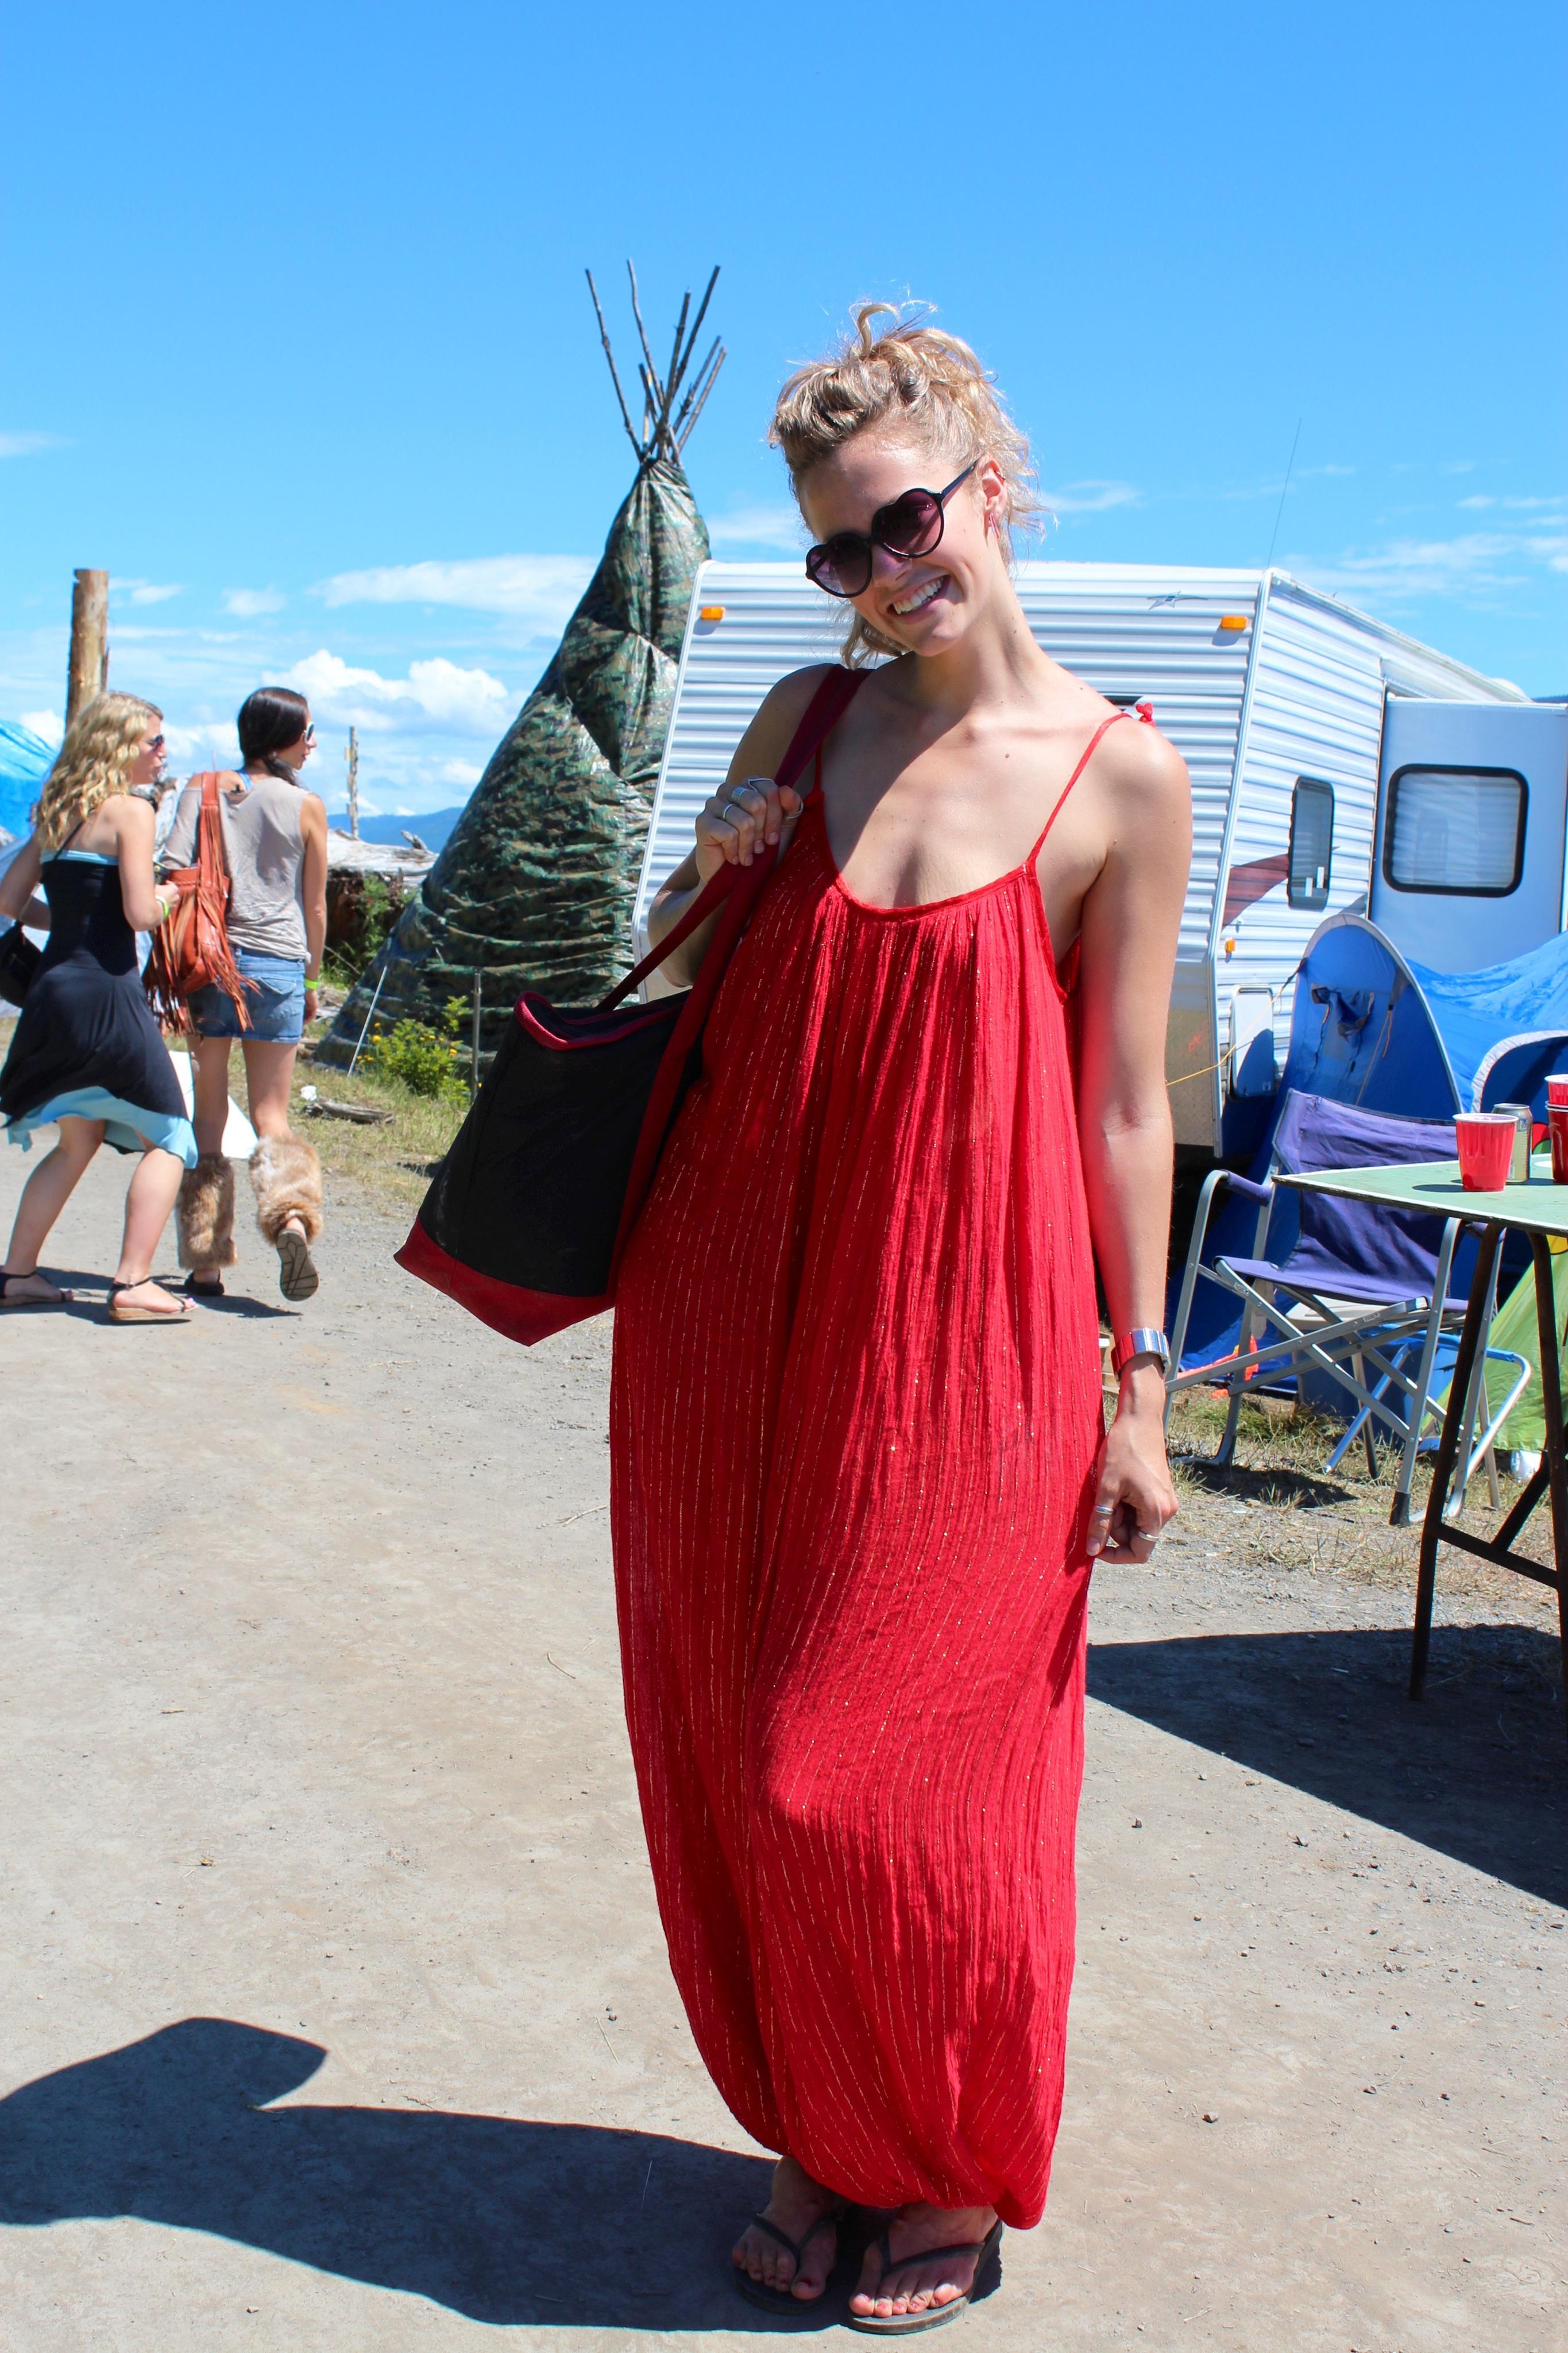 Festival Goddess